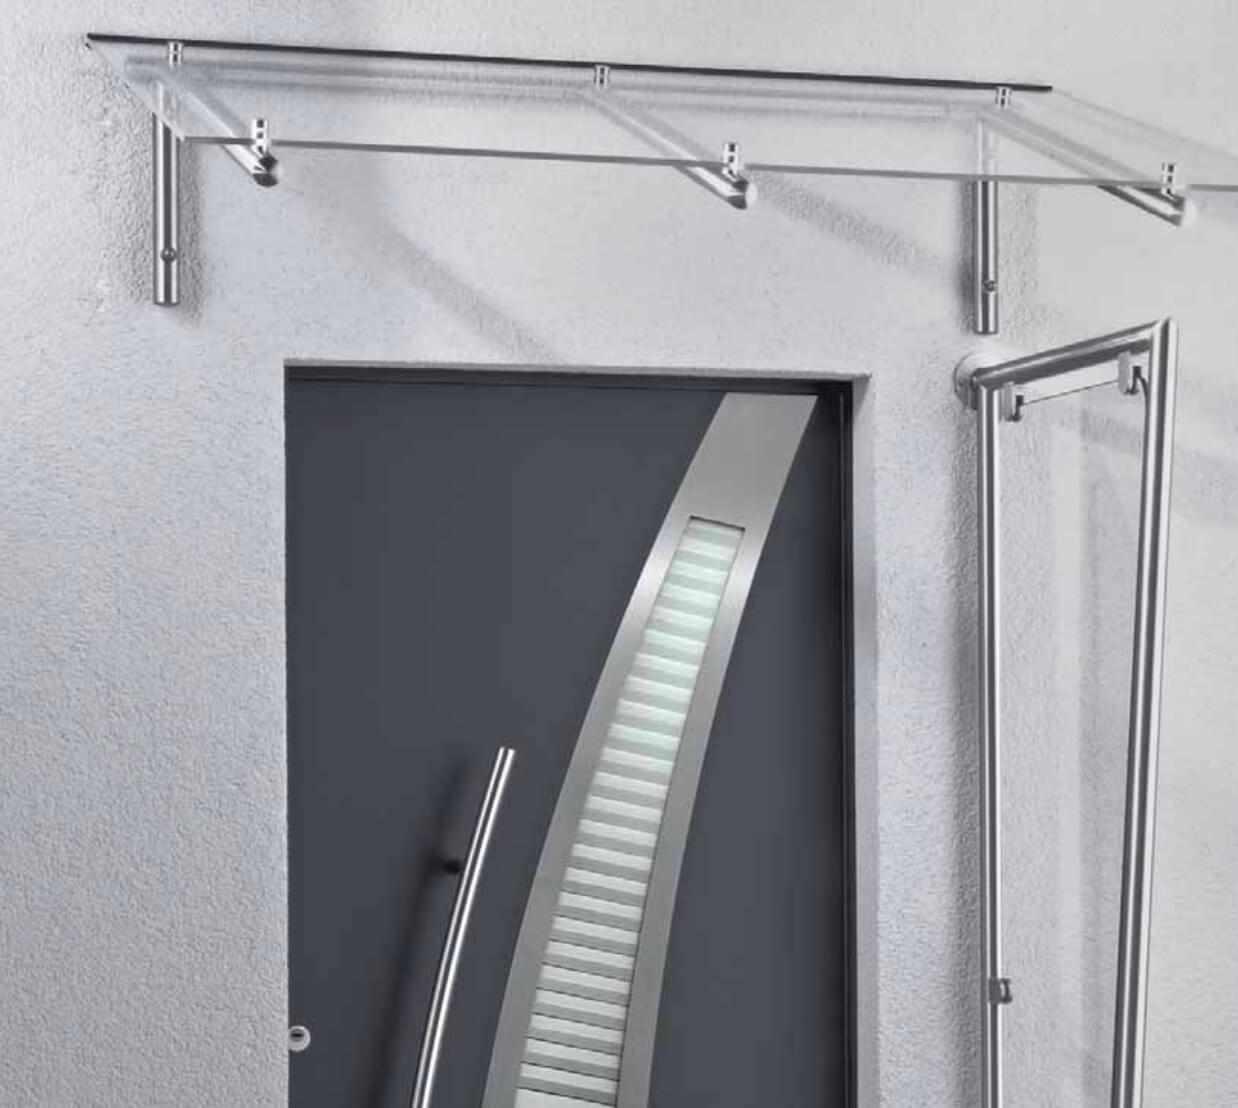 hormann-luifel-bengs-deuren-groningen